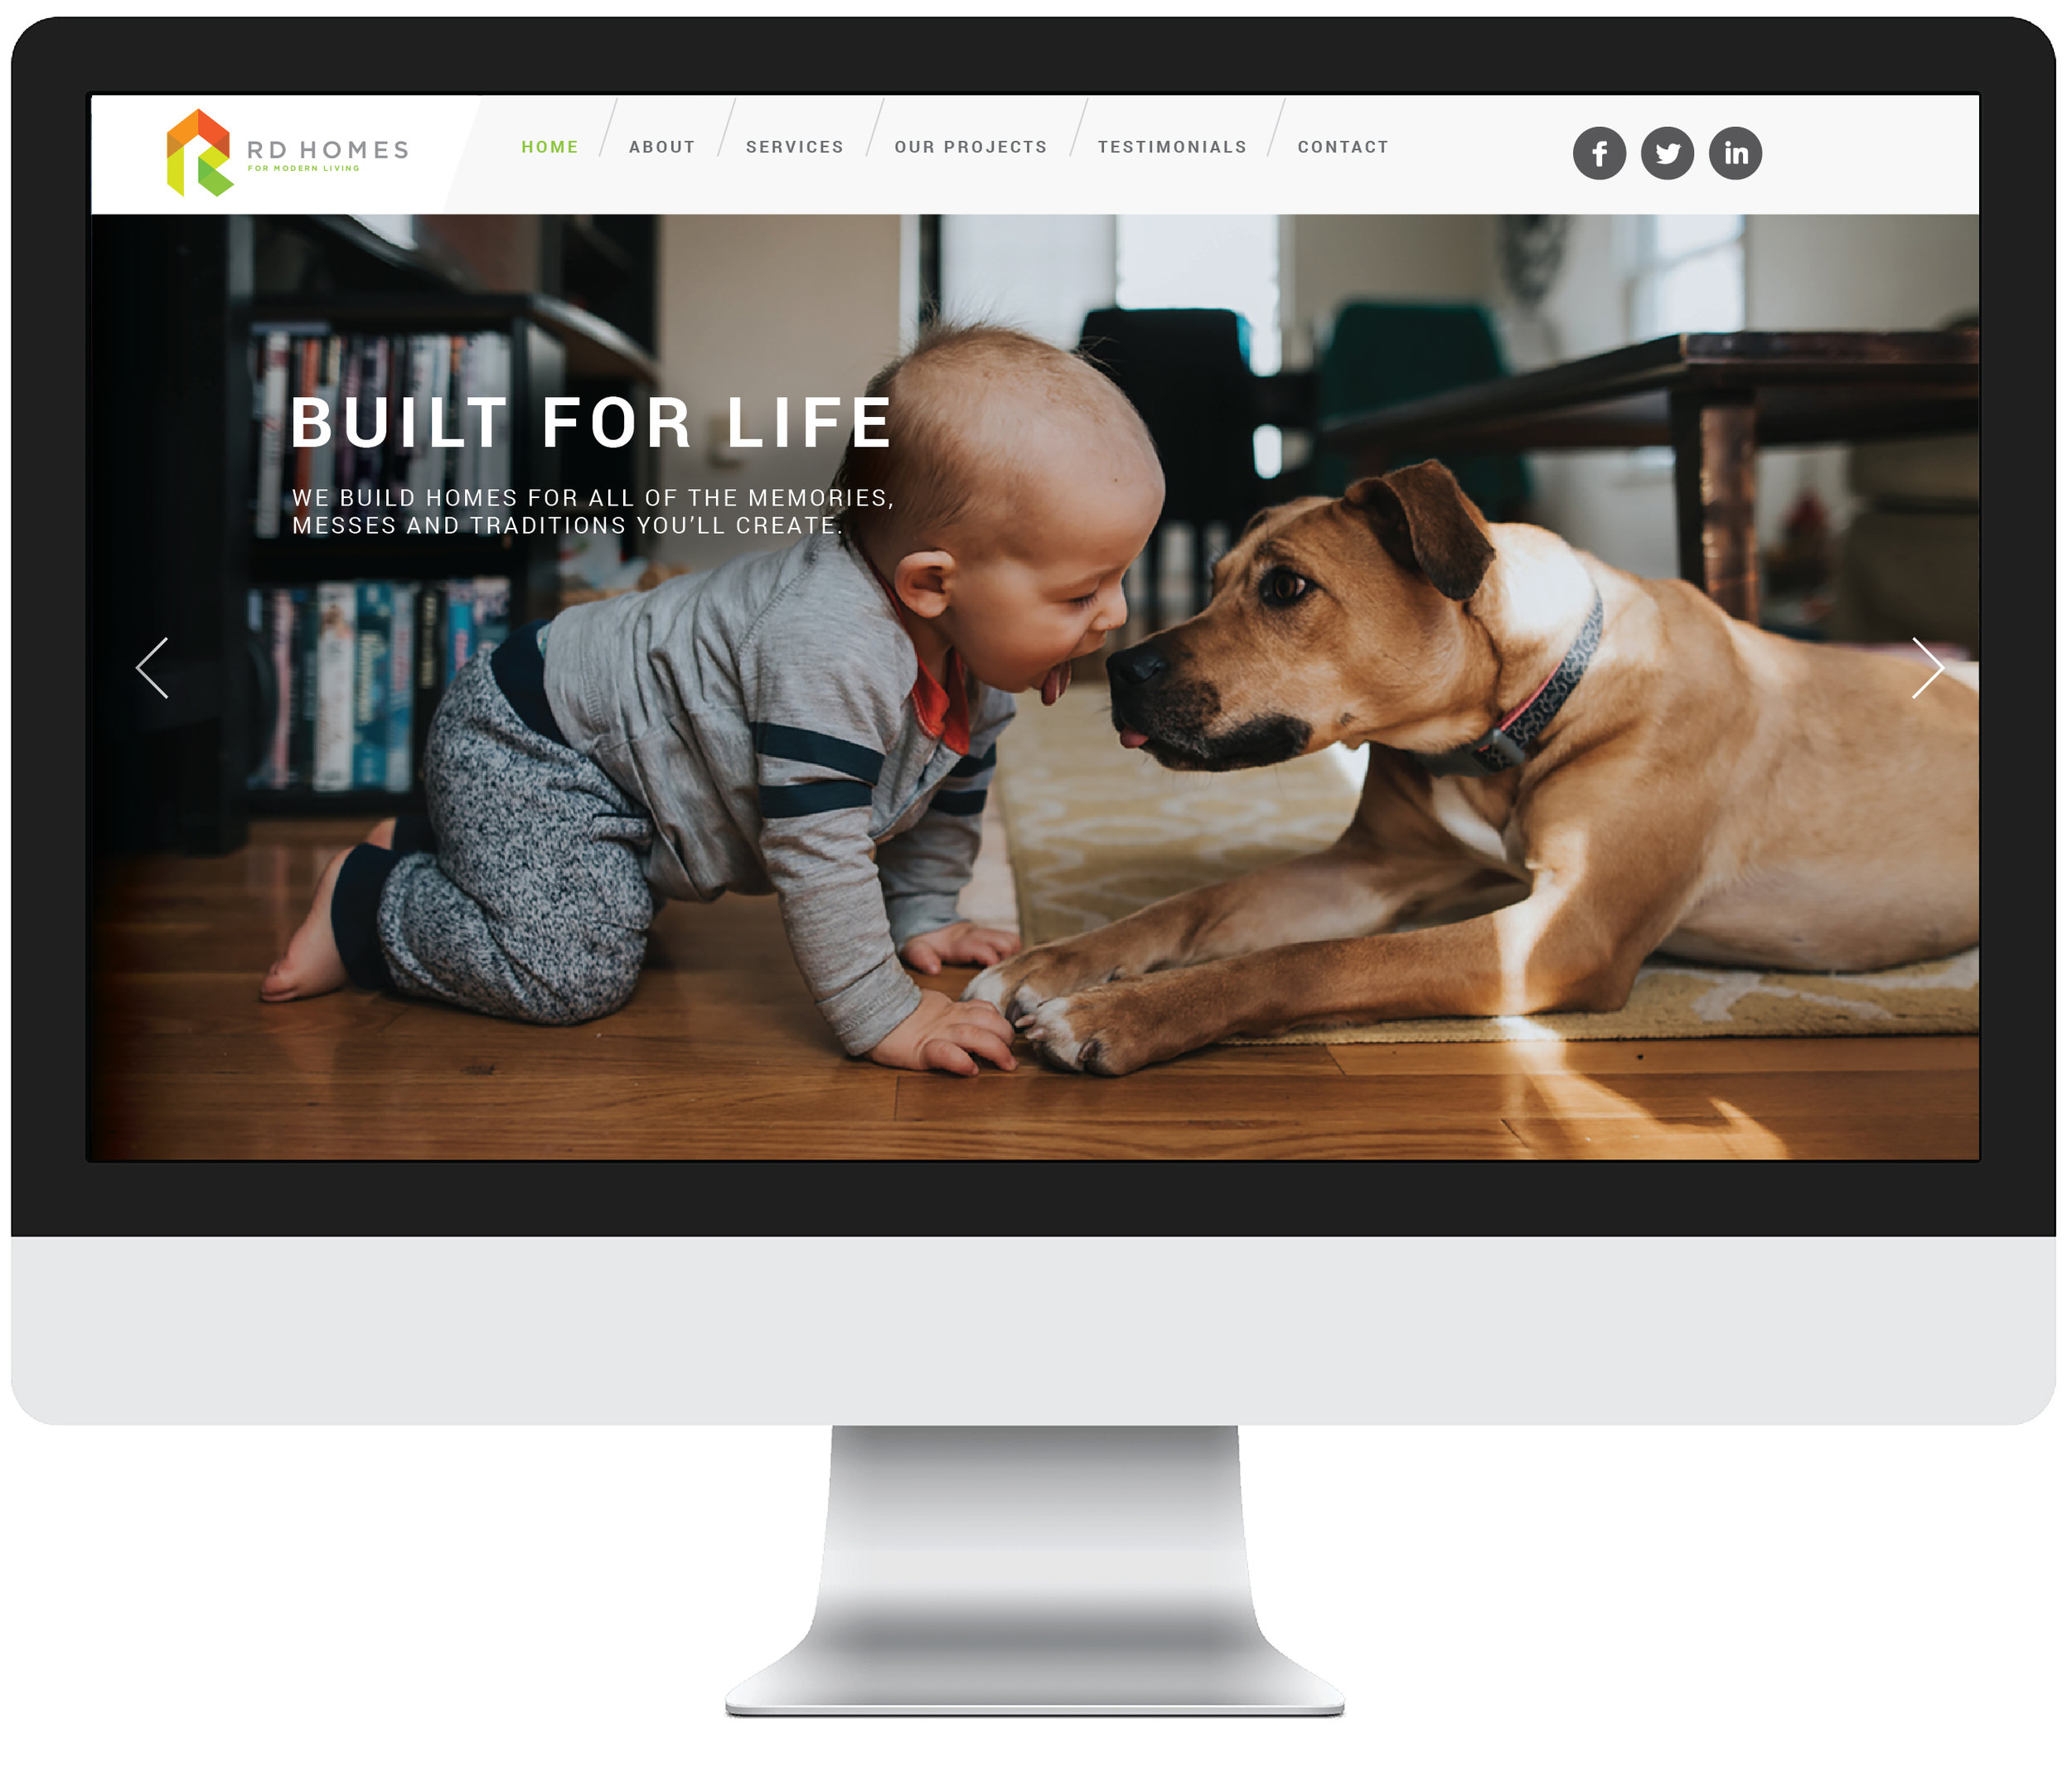 RD-Homes_Website-Design-Yuri-Shvets-2.jpg